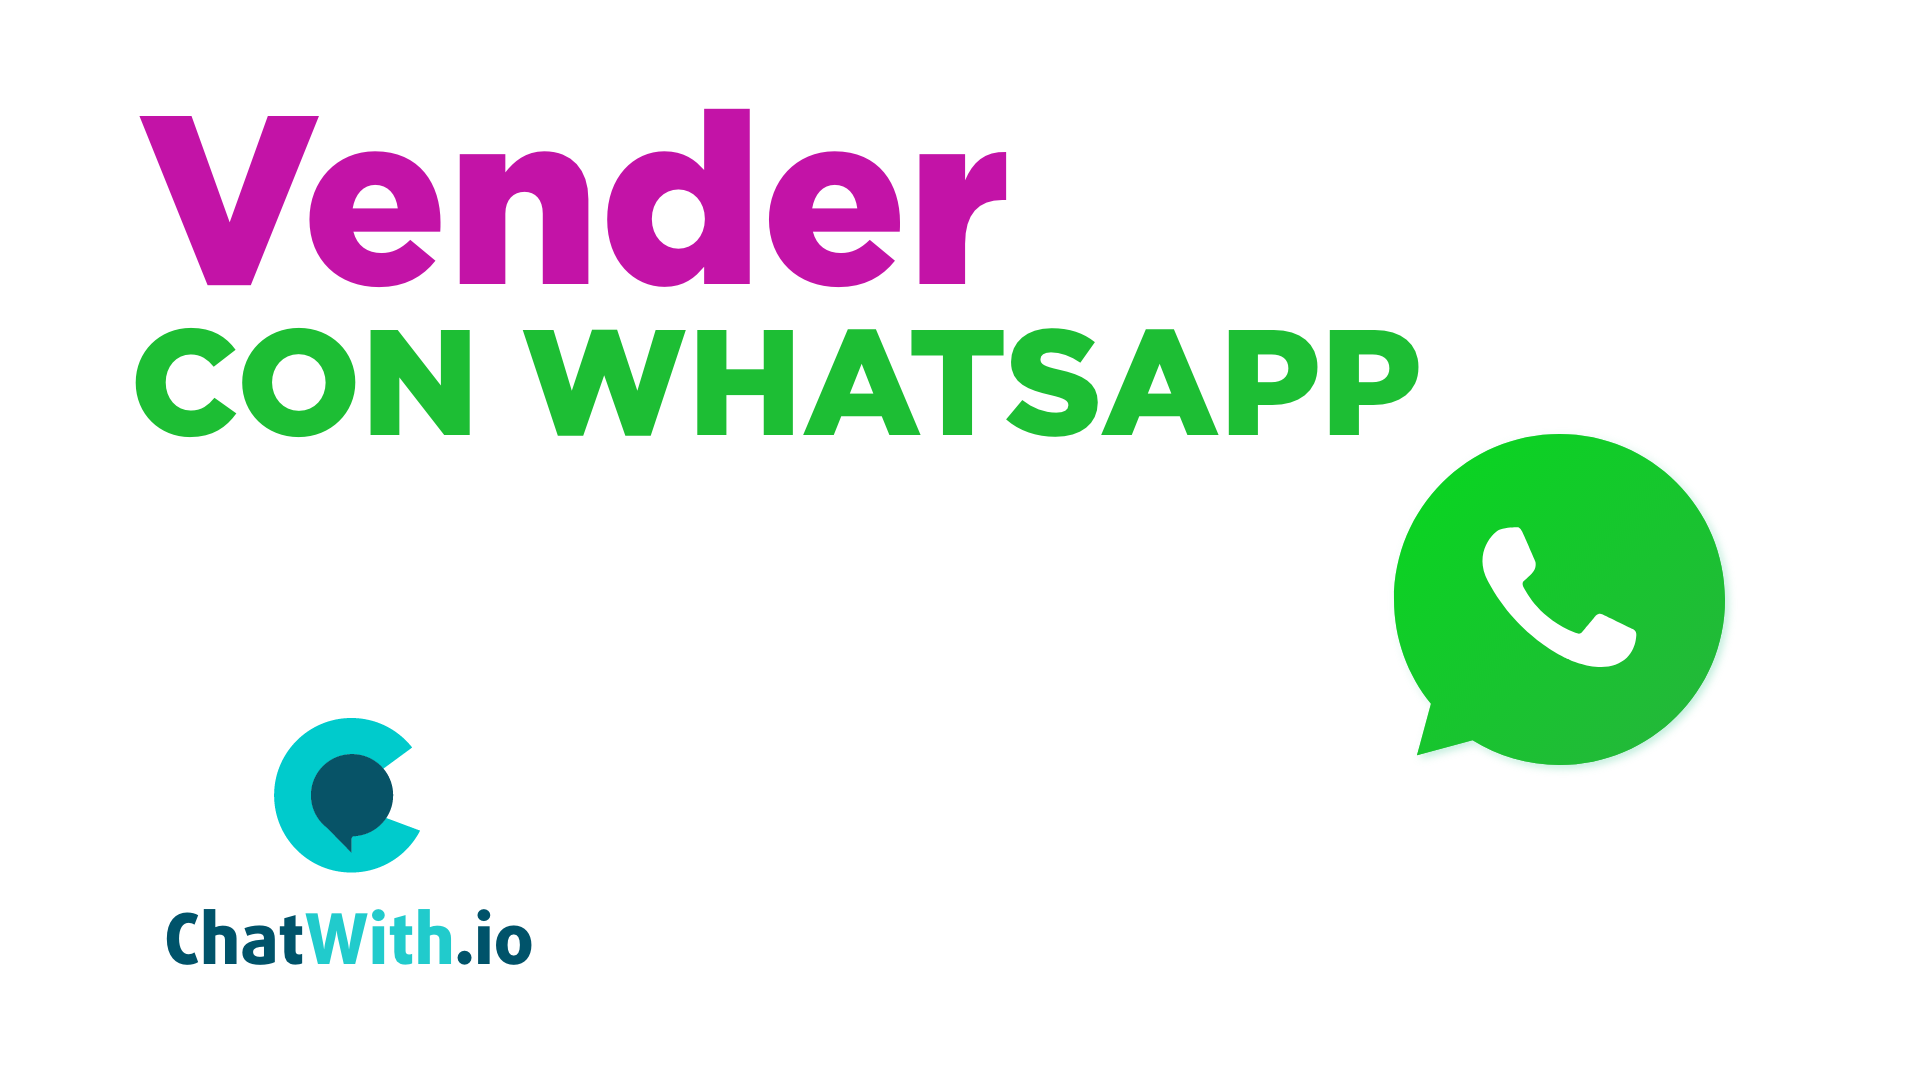 Vender con WhatsApp con ChatWith.io: 3 oportunidades de oro